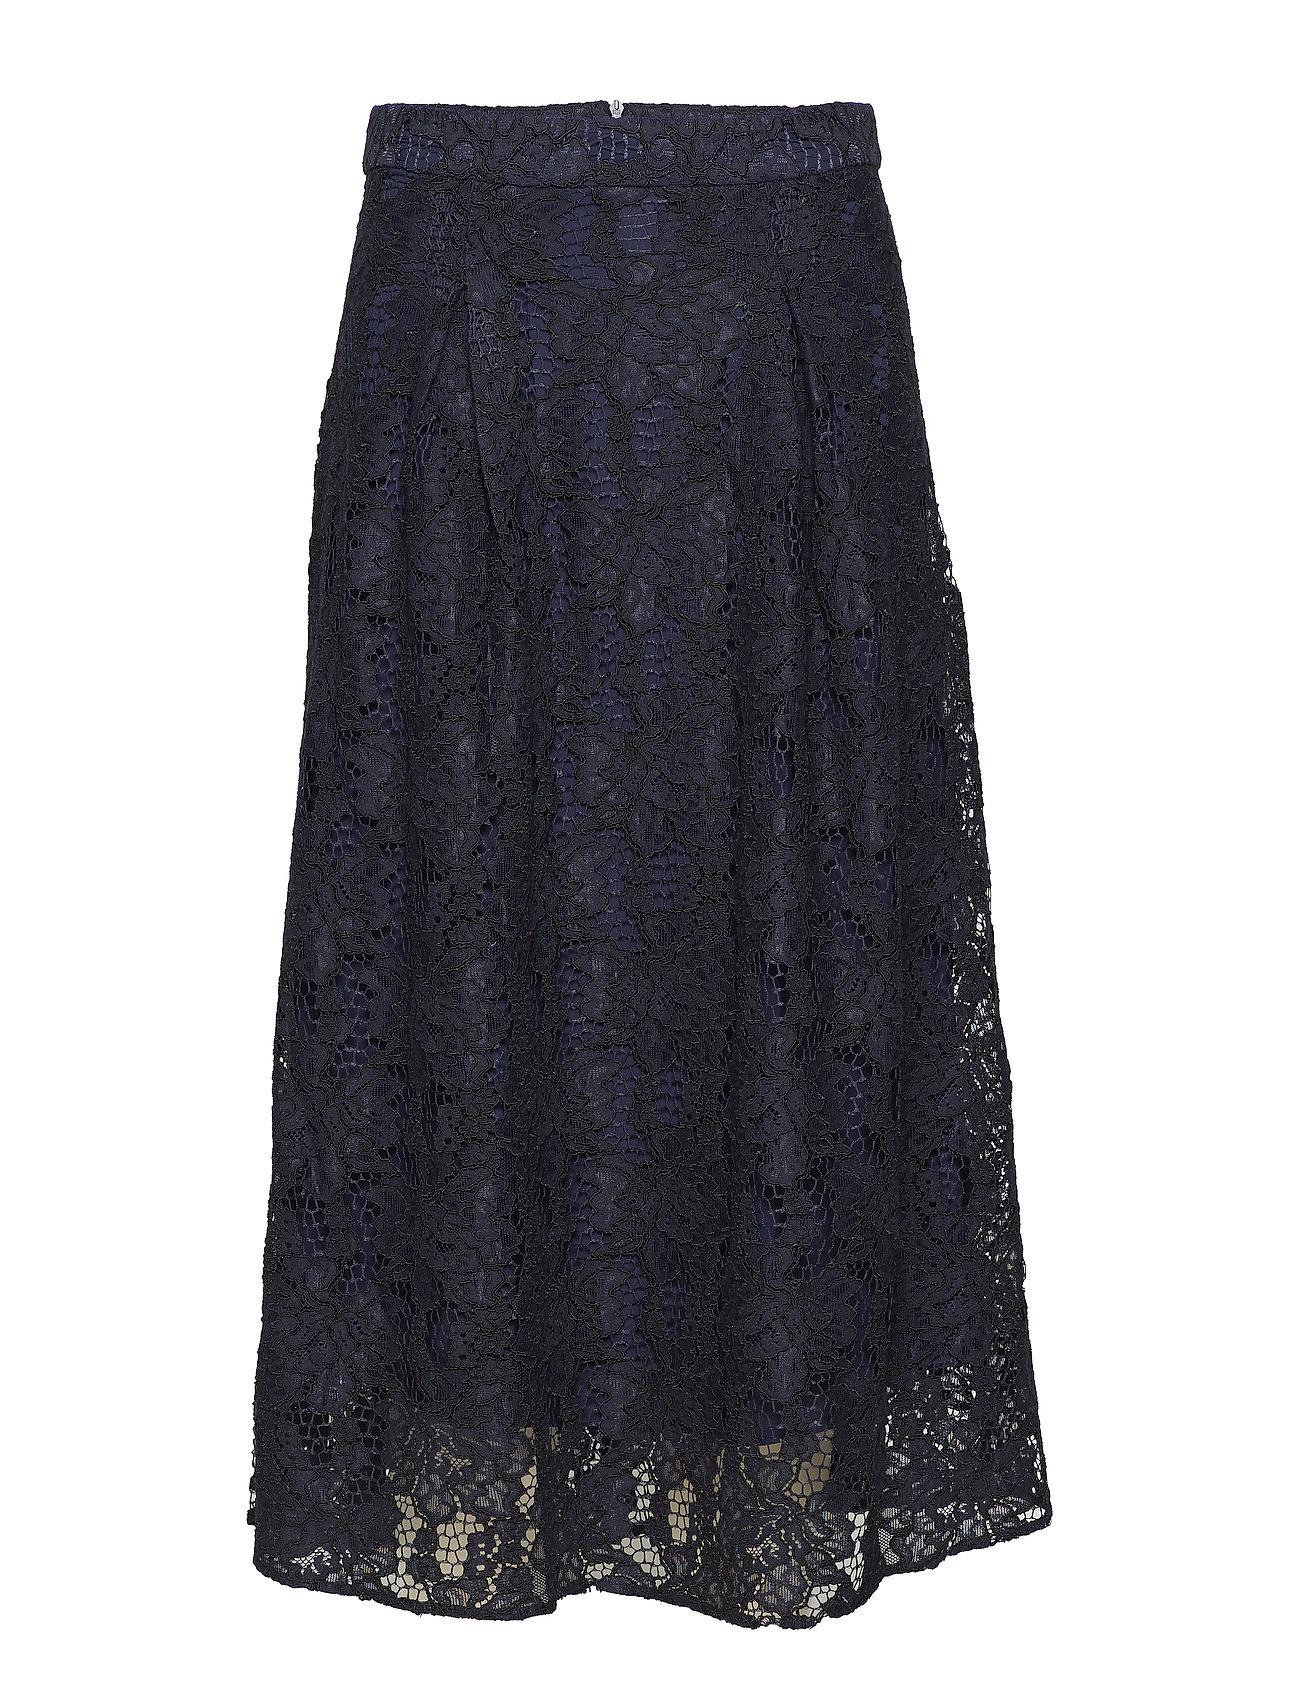 Image of Marine Skirt (3067531281)